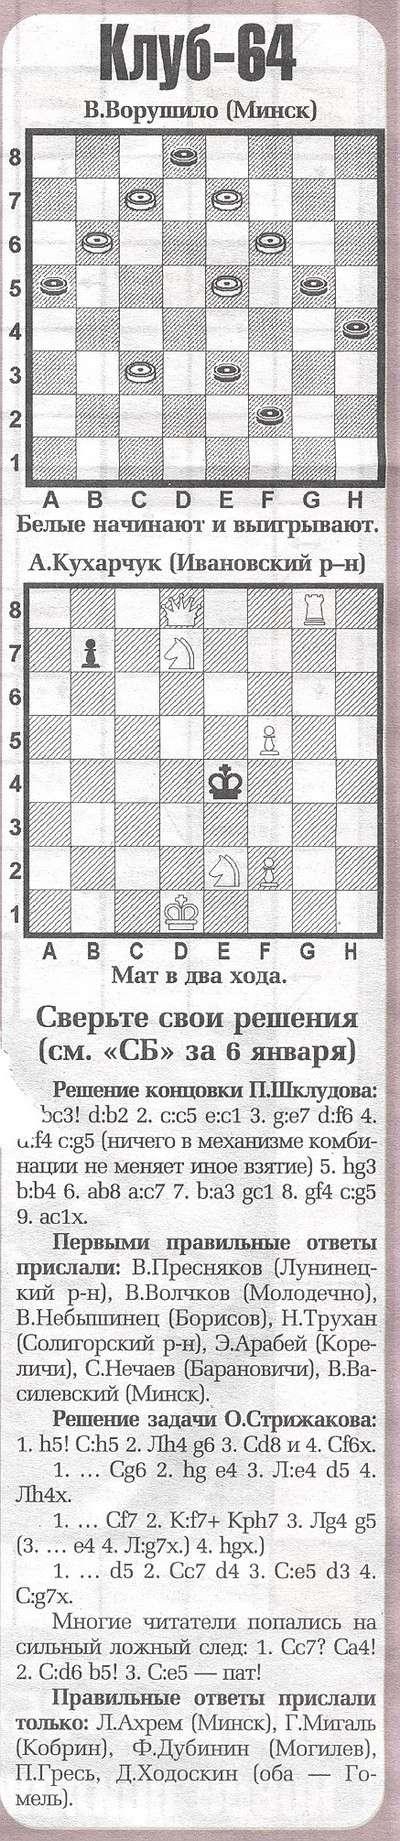 Беларусь сегодня (Минск) 11012111